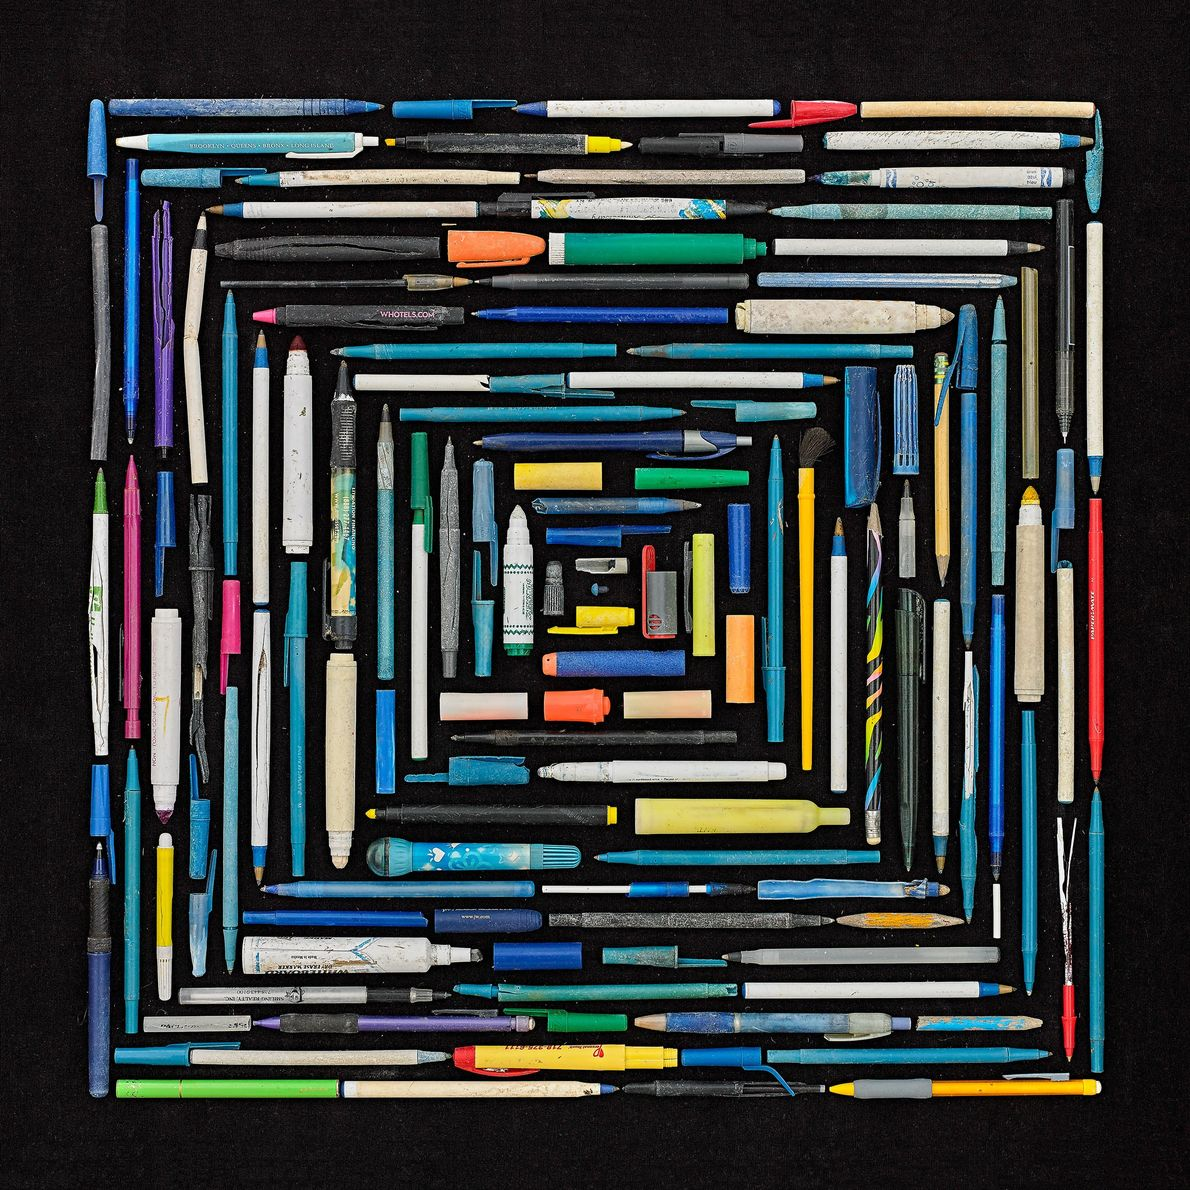 Rosenthal creó un retrato angular con bolígrafos, lápices y marcadores. Suele encontrar estos artículos esparcidos a ...